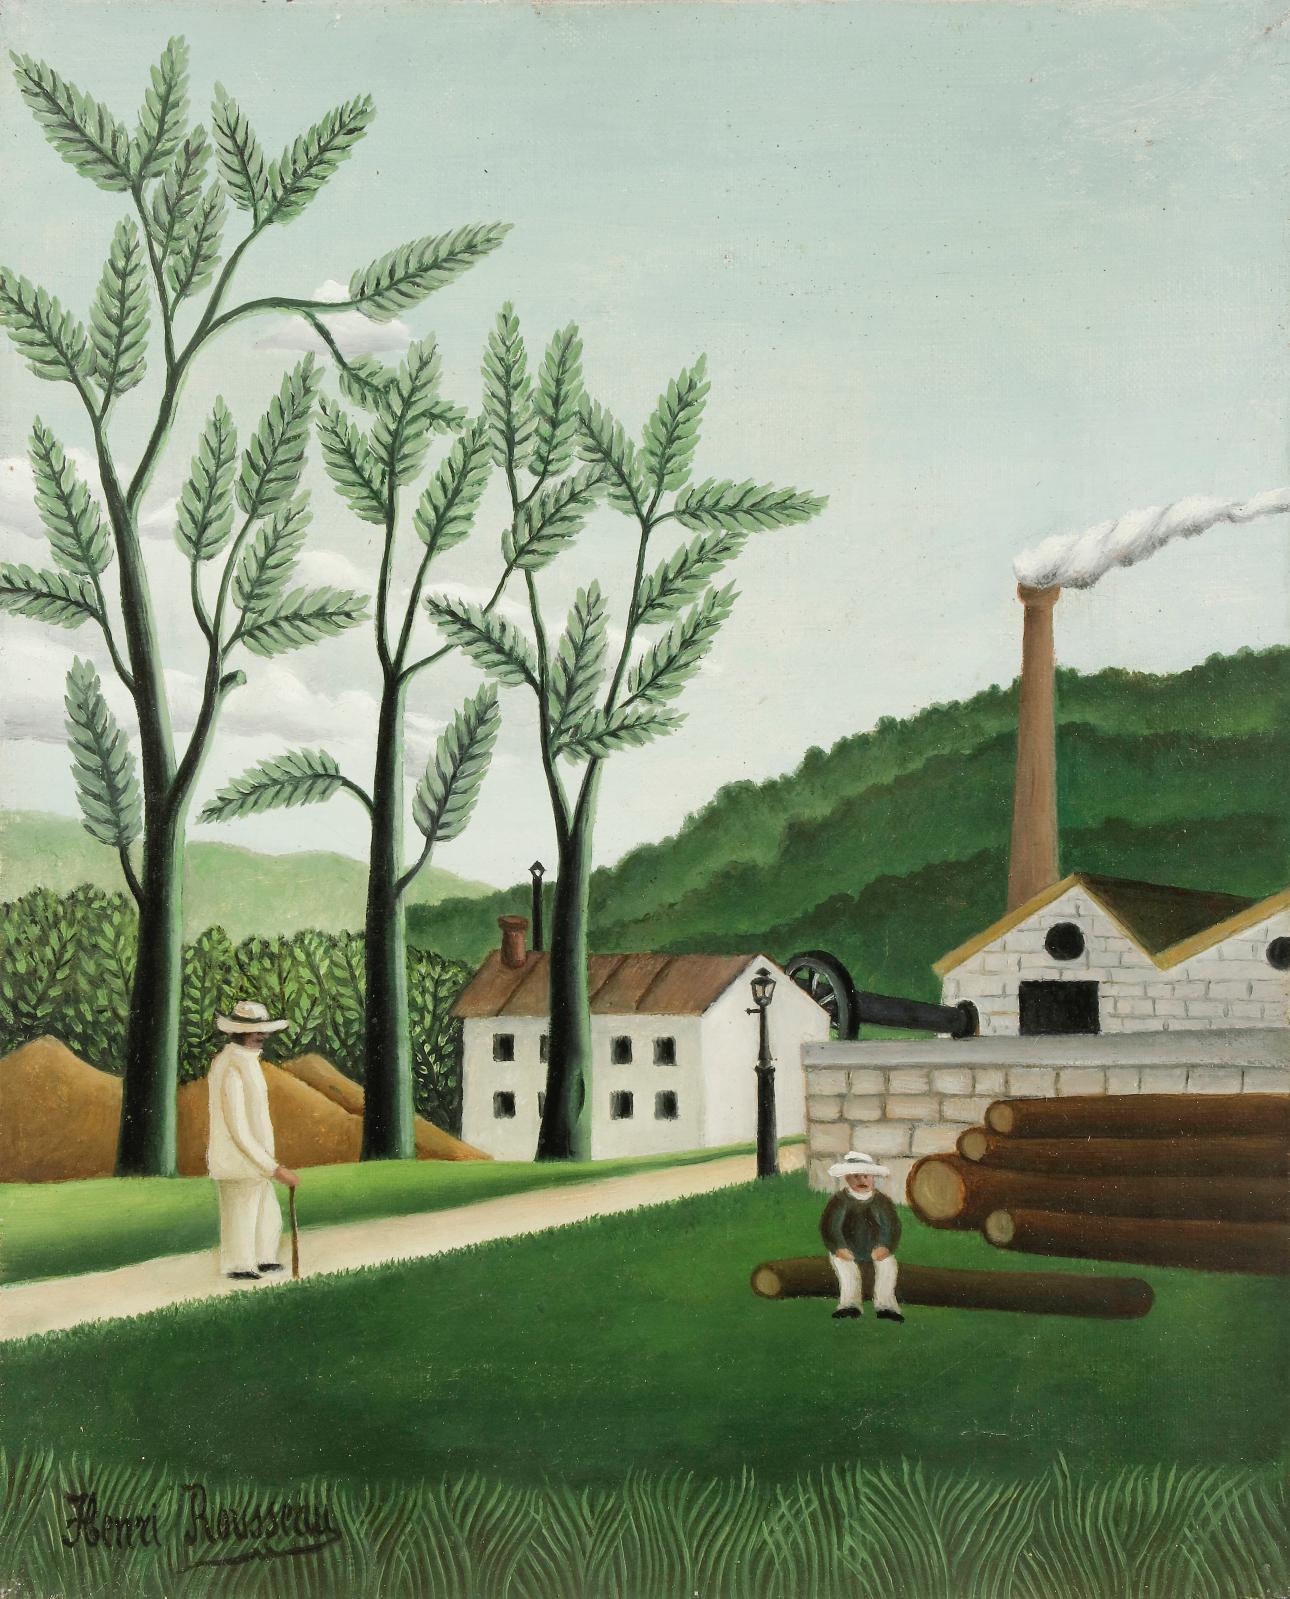 Henri Rousseau, aka Le Douanier Rousseau (1844-1910), La Scierie de Bièvres (The Bièvres Sawmill), oil on canvas, 41 x 33 cm.Estimate: €100,000/150,00